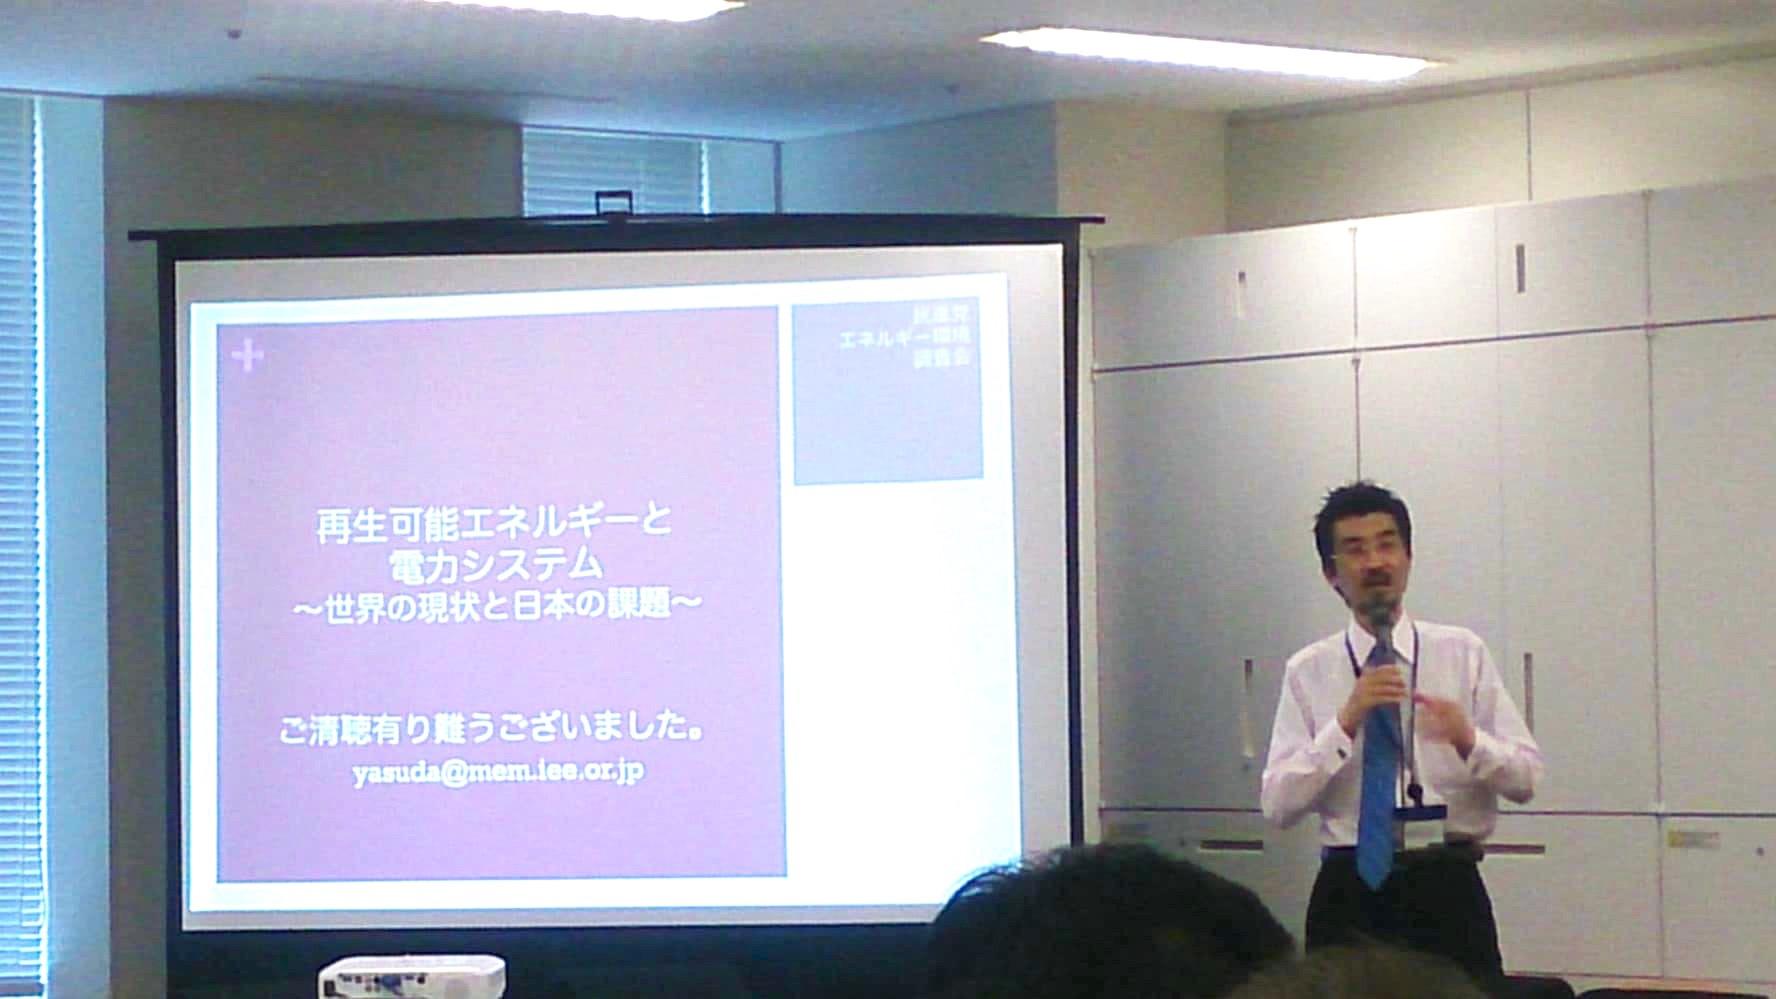 「再生可能エネルギーの世界の動向と日本の課題」